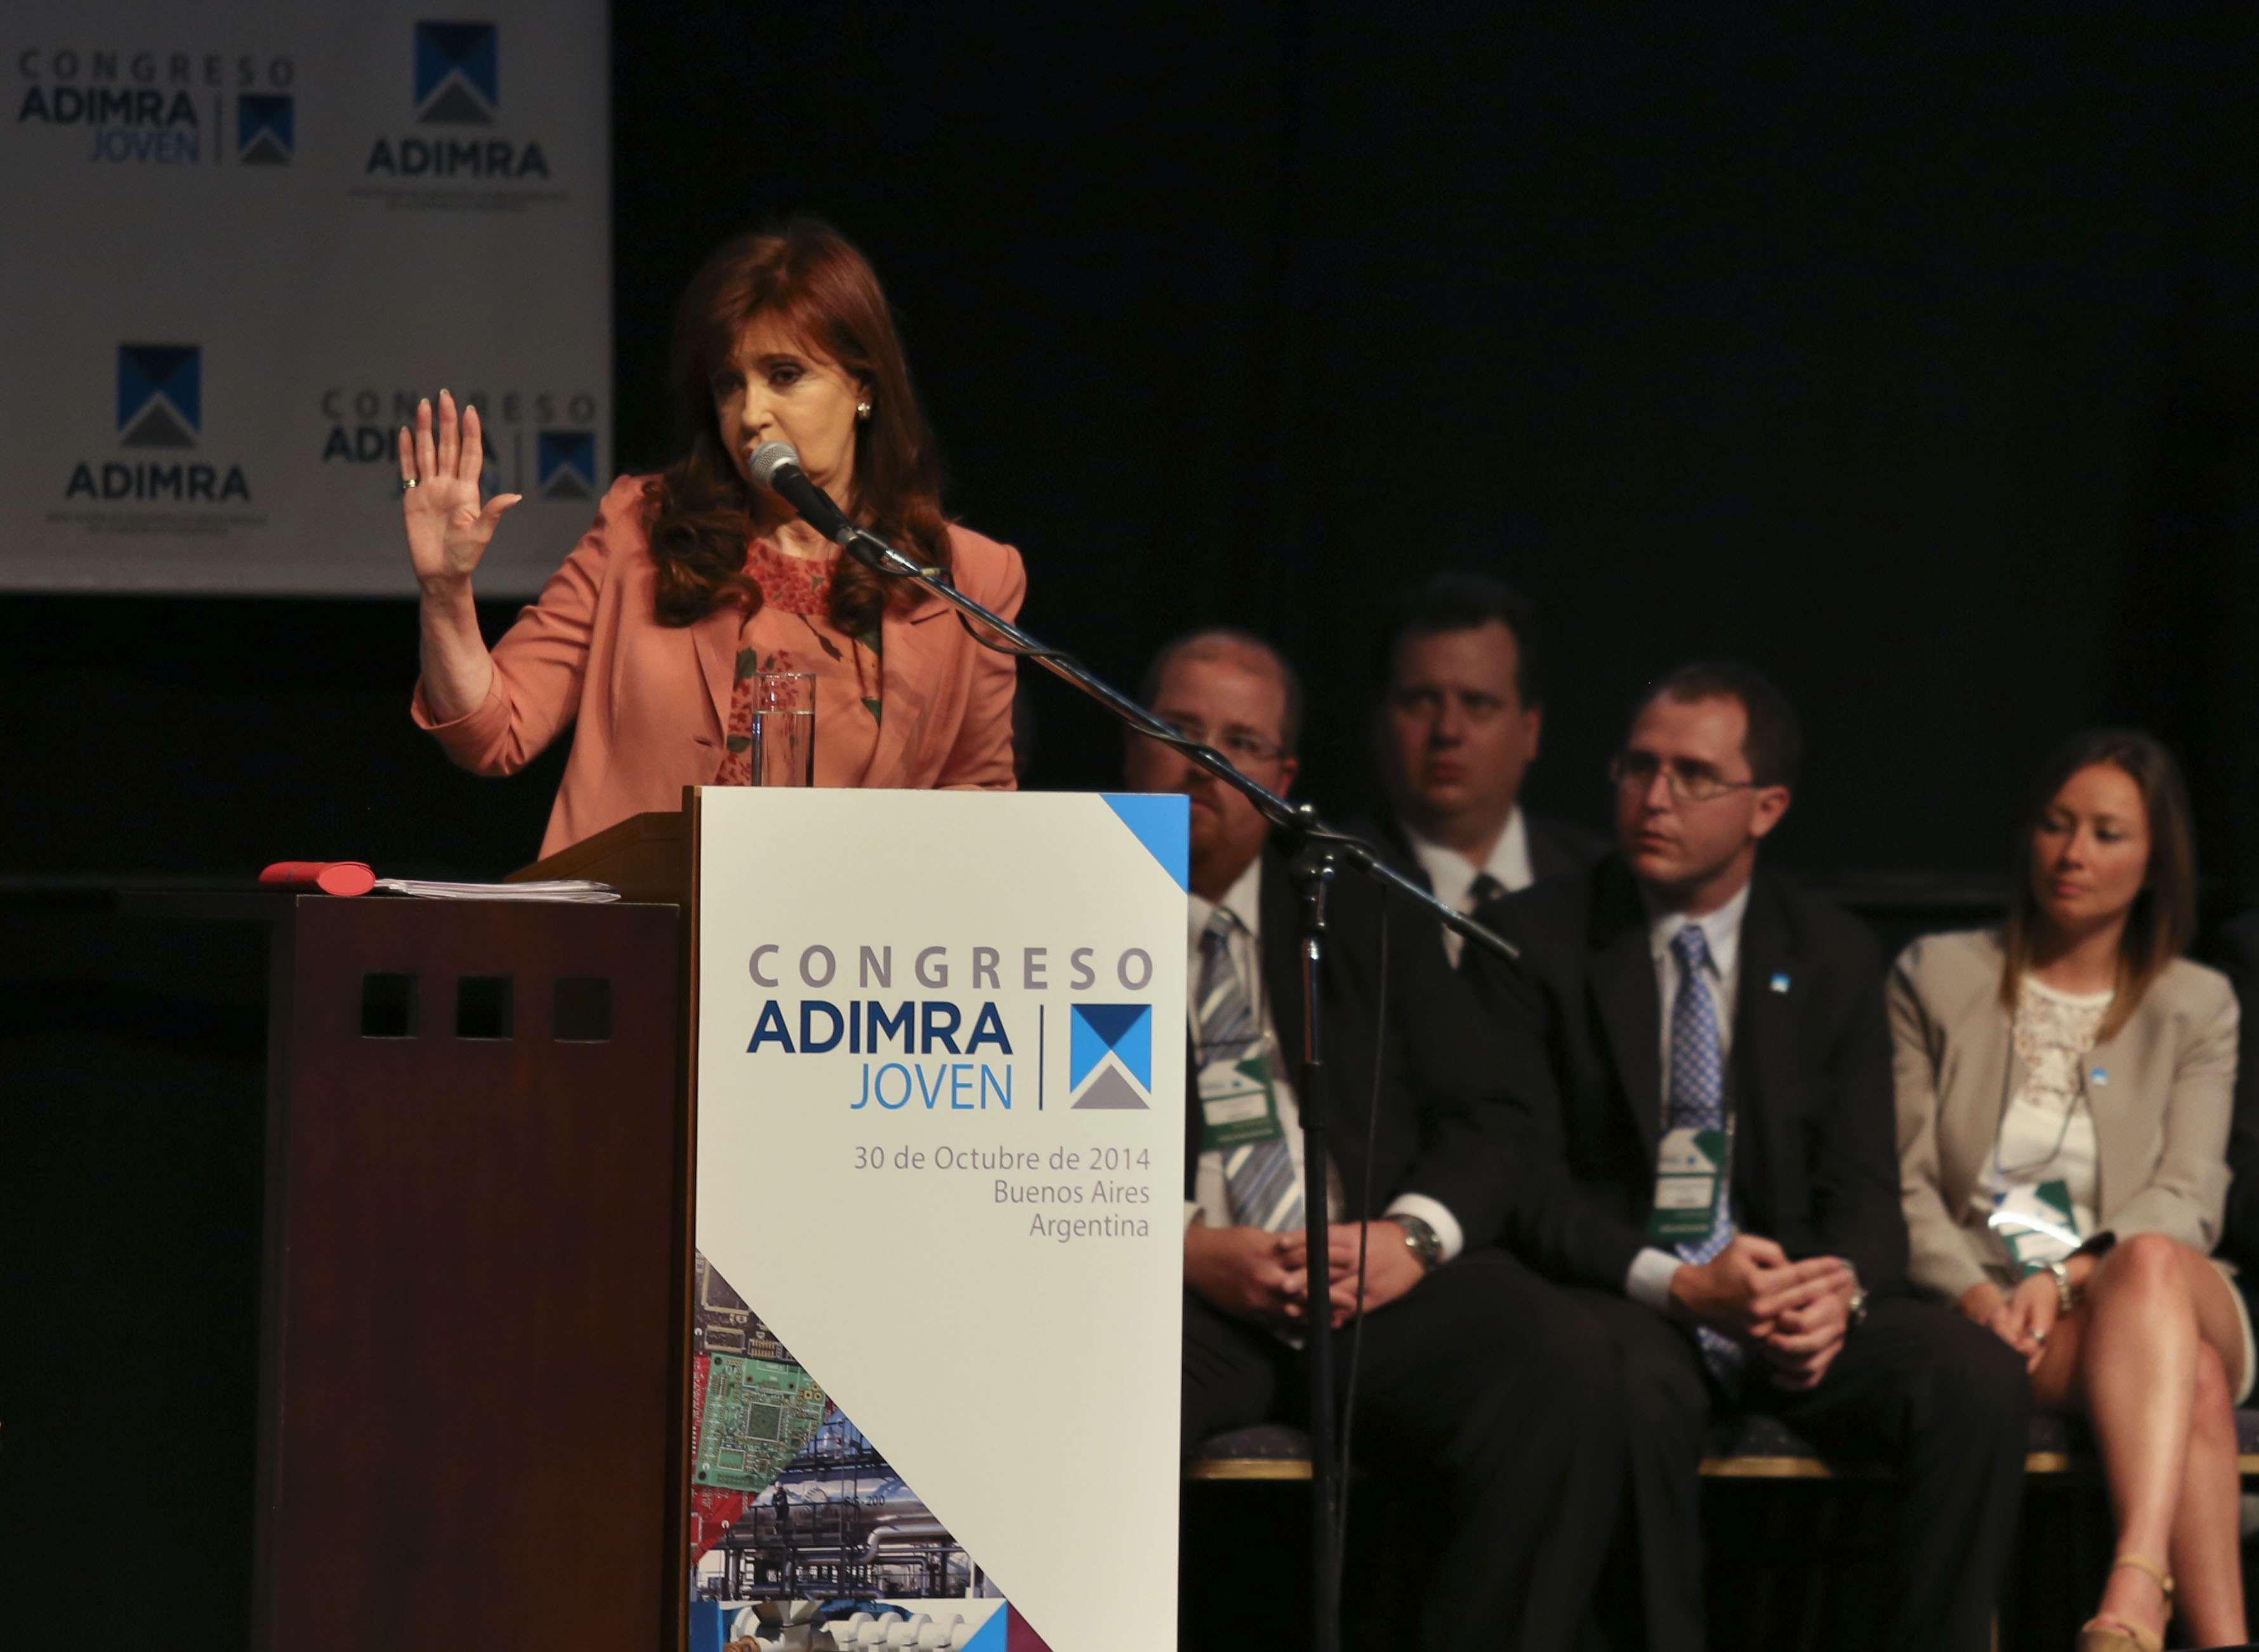 La presidenta Cristina Kirchner durante el congreso de ADIMRA celebrado en Parque Norte. Foto: Noticias Argentinas